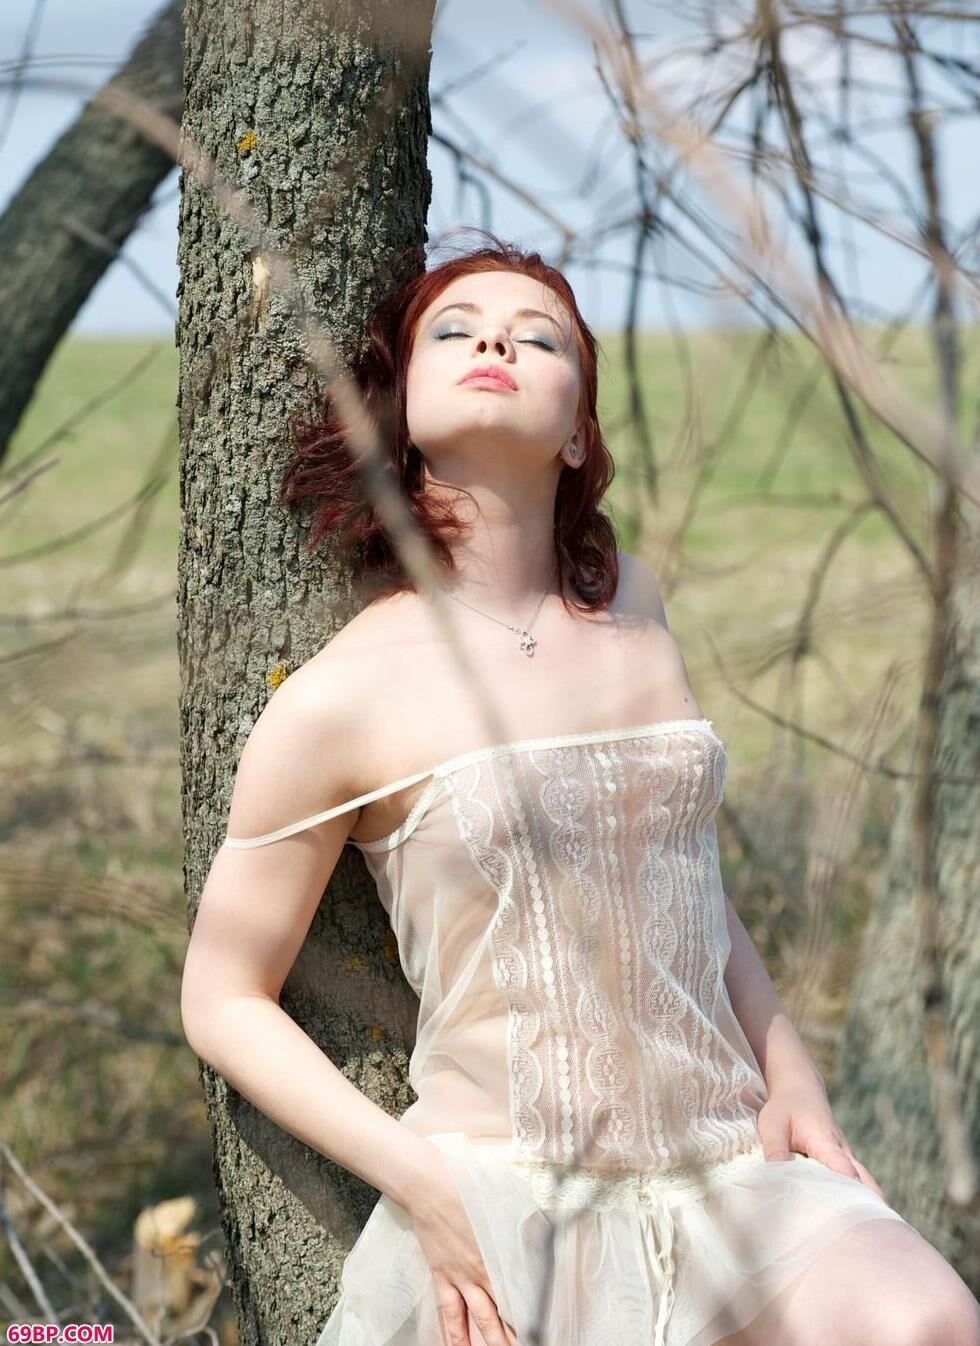 张慧敏人体艺术_裸模Marina树林里的风情美体